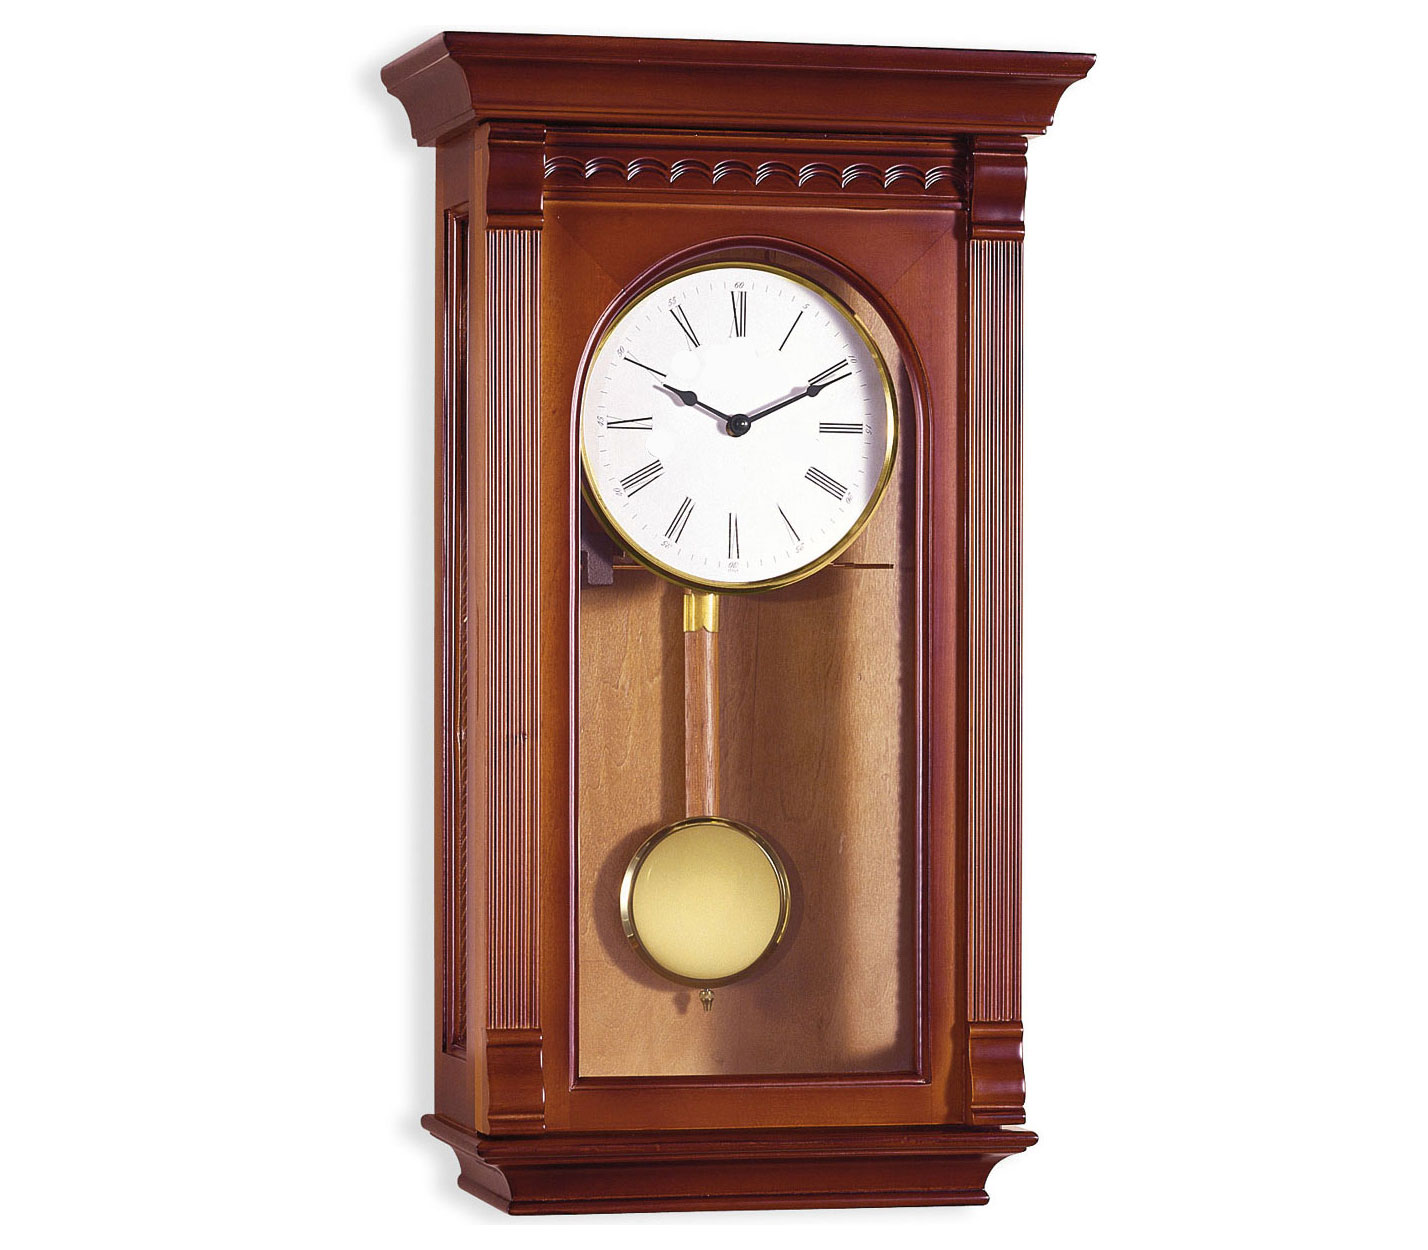 Reloj de pendulo de pared 51cm con carill n soneria - Relojes rusticos de pared ...